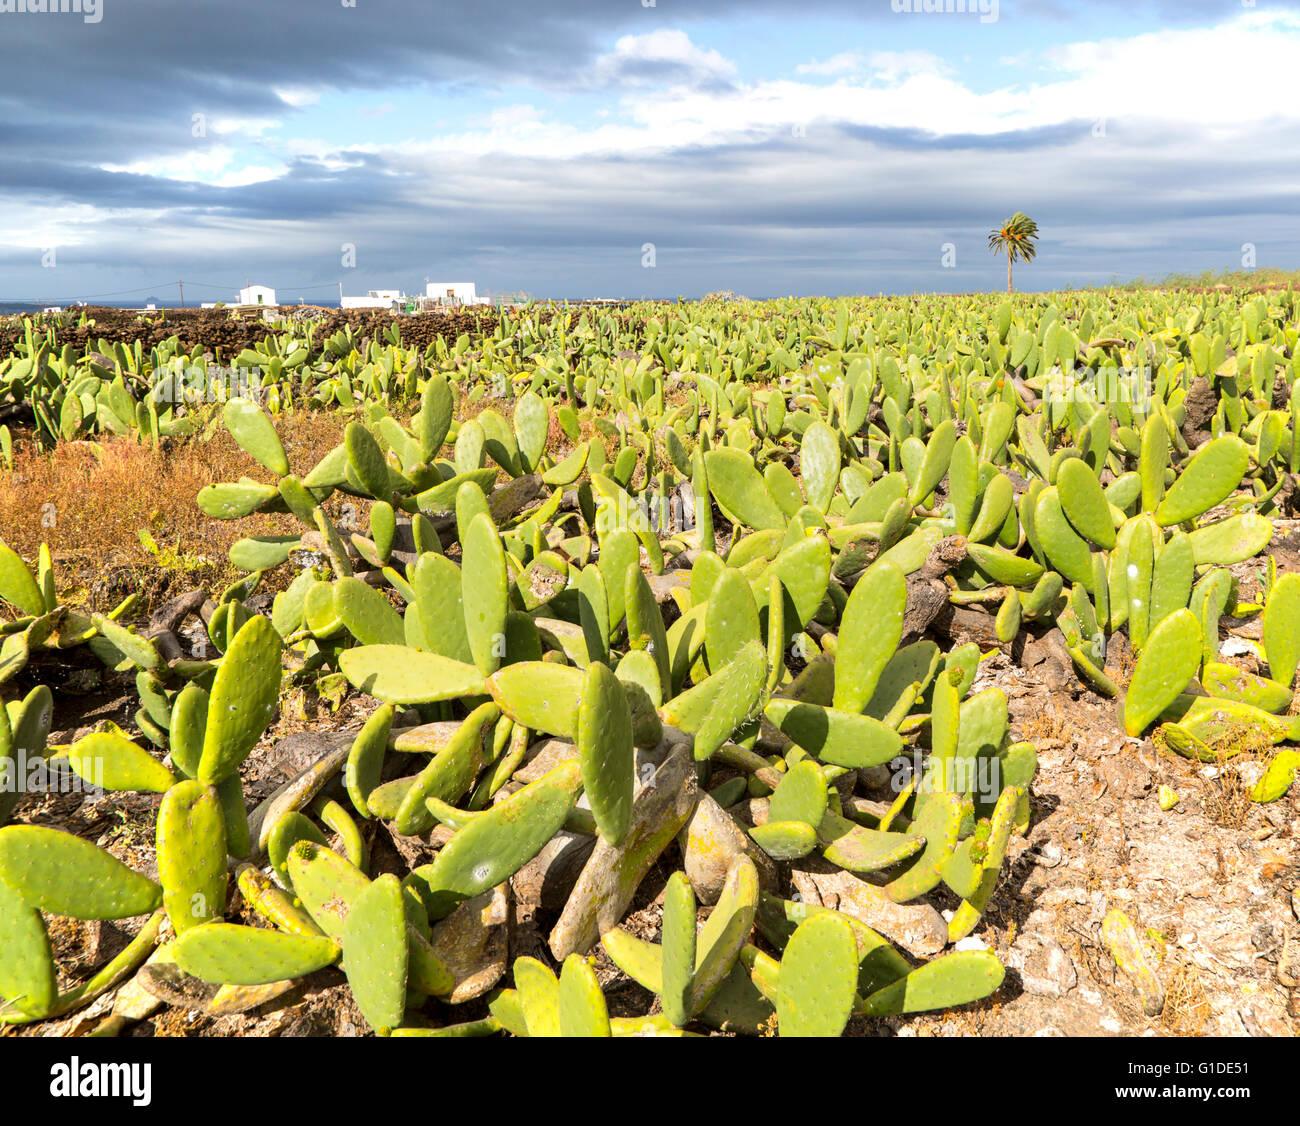 opuntia-ficus-indica-prickly-pear-cactus